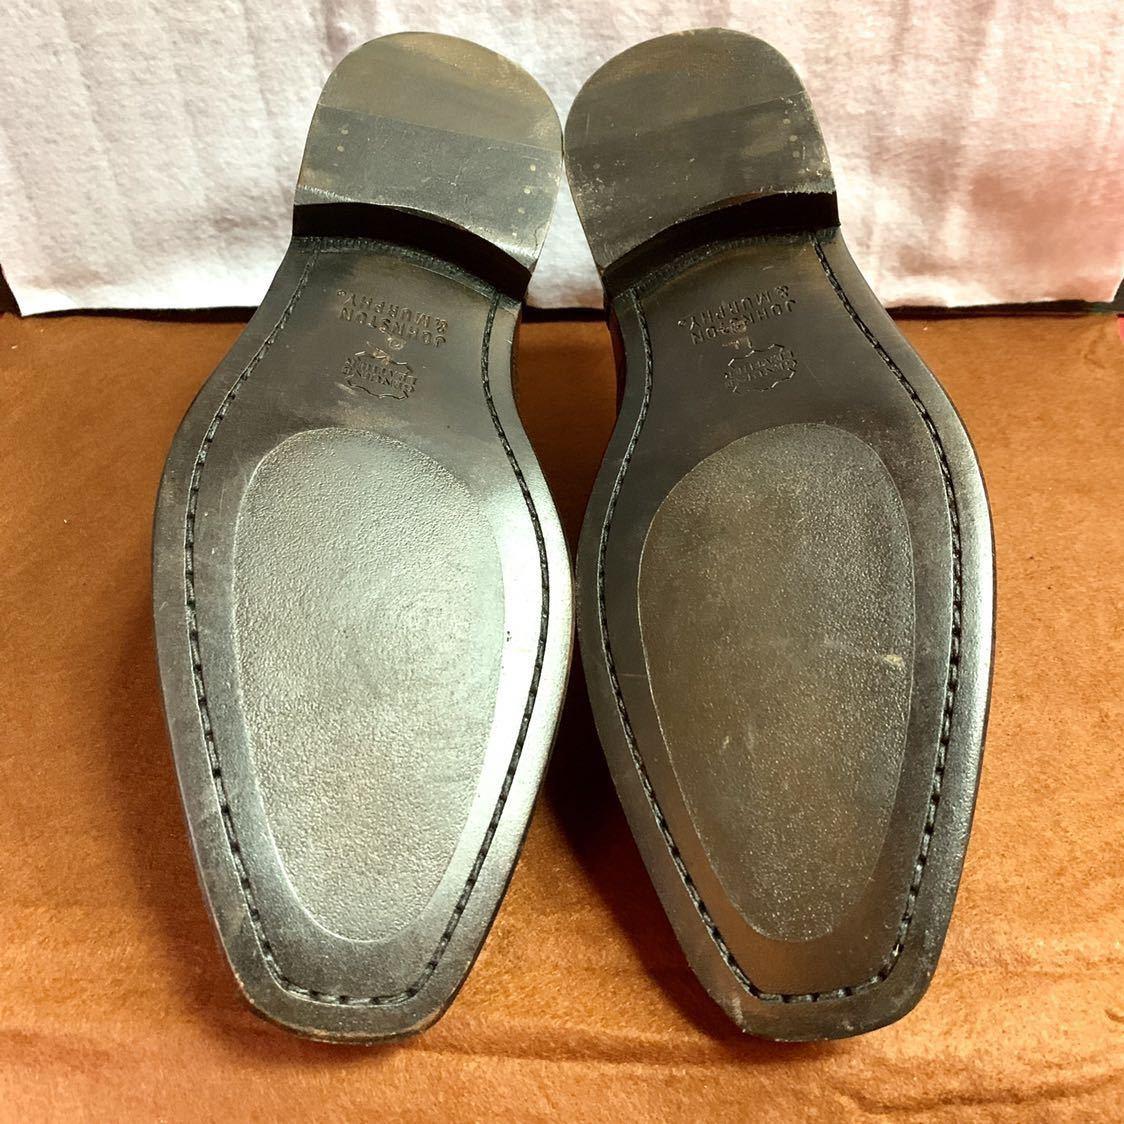 【未使用品】Johnston&Murphy ジョンストン&マーフィー ウイングチップ US 9 M 27cm相応 赤茶 革靴 アメリカ靴_画像3